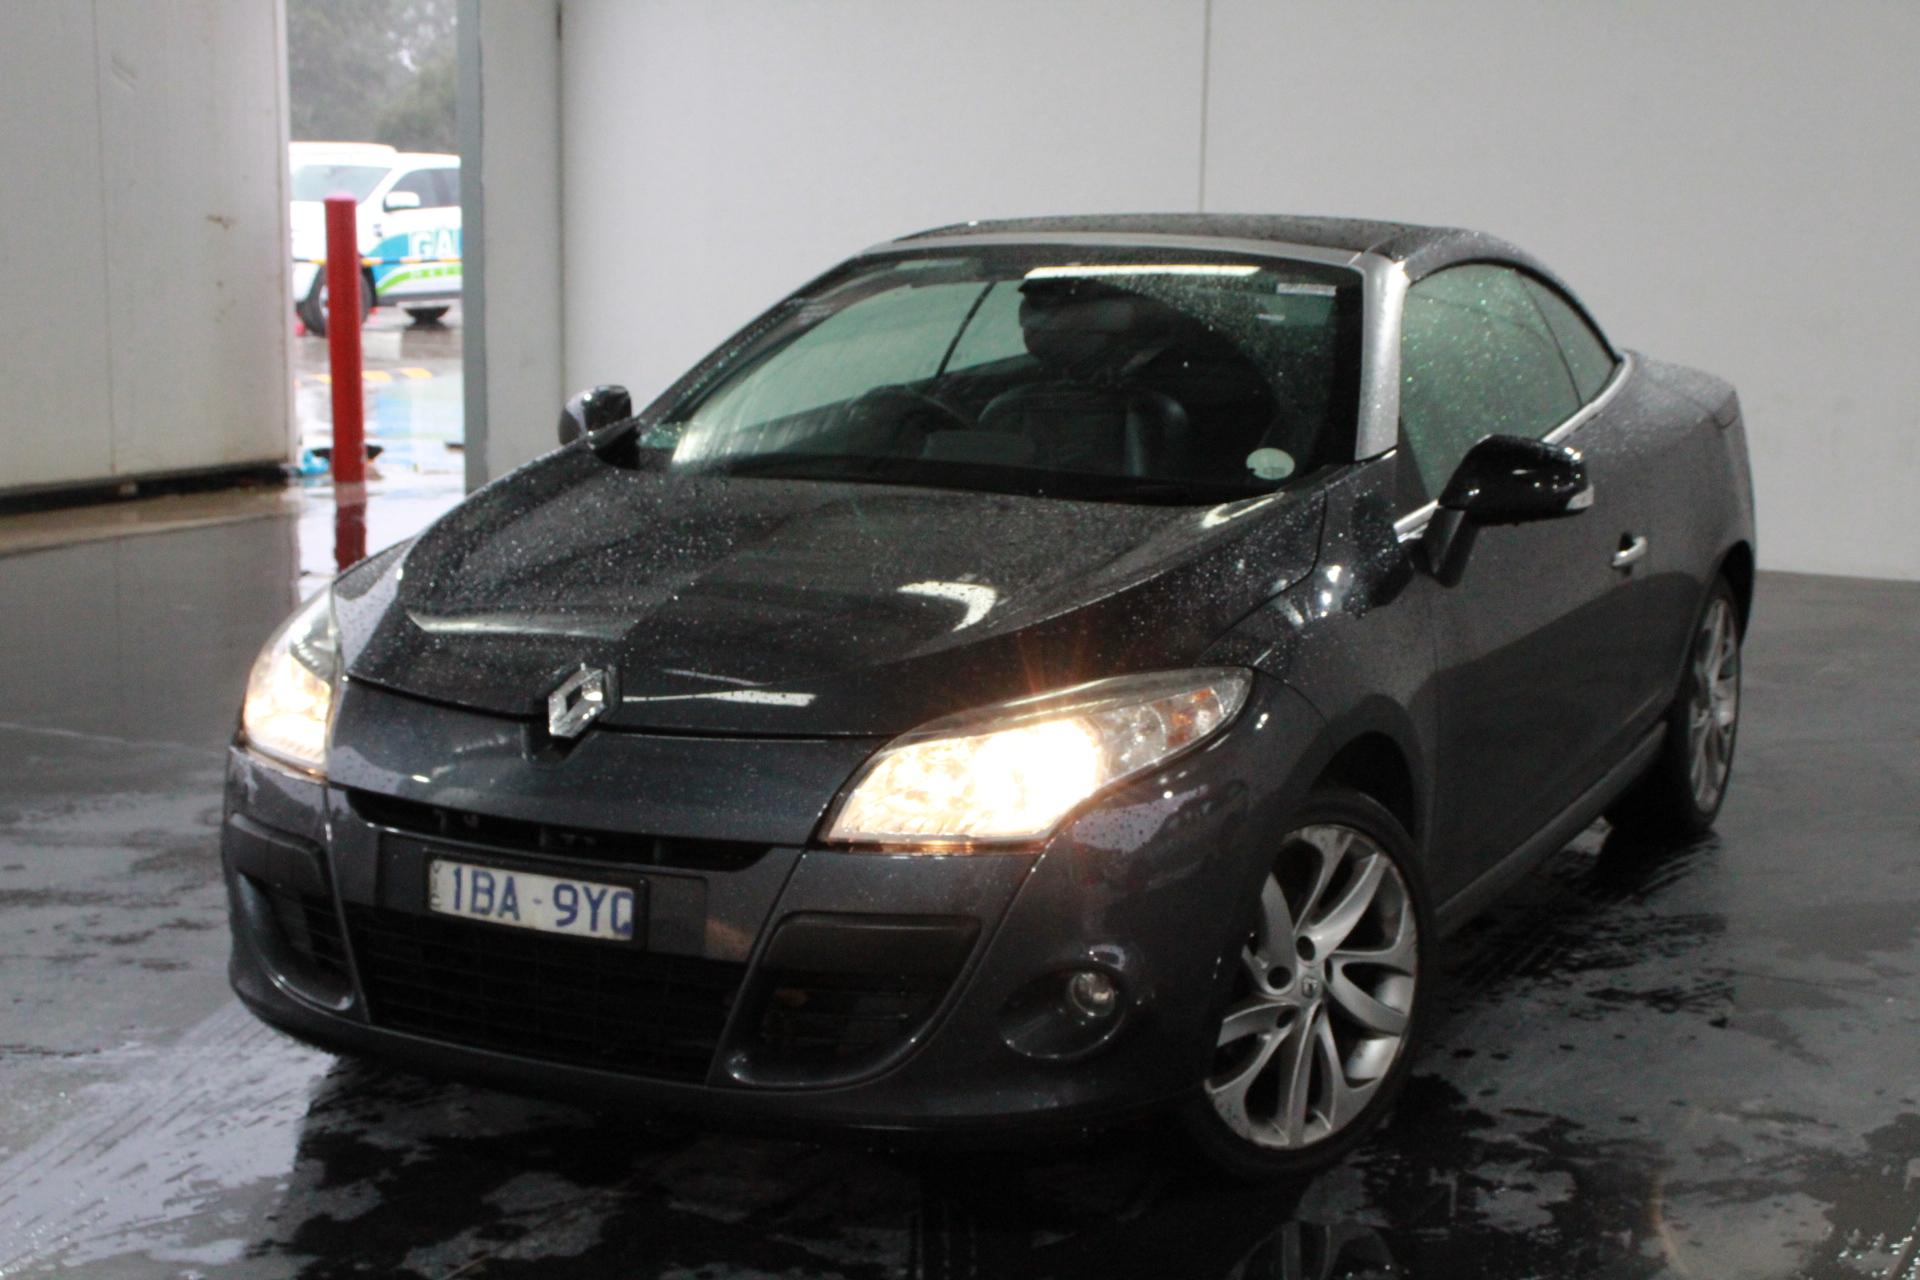 2012 Renault Megane Dynamique CVT Convertible